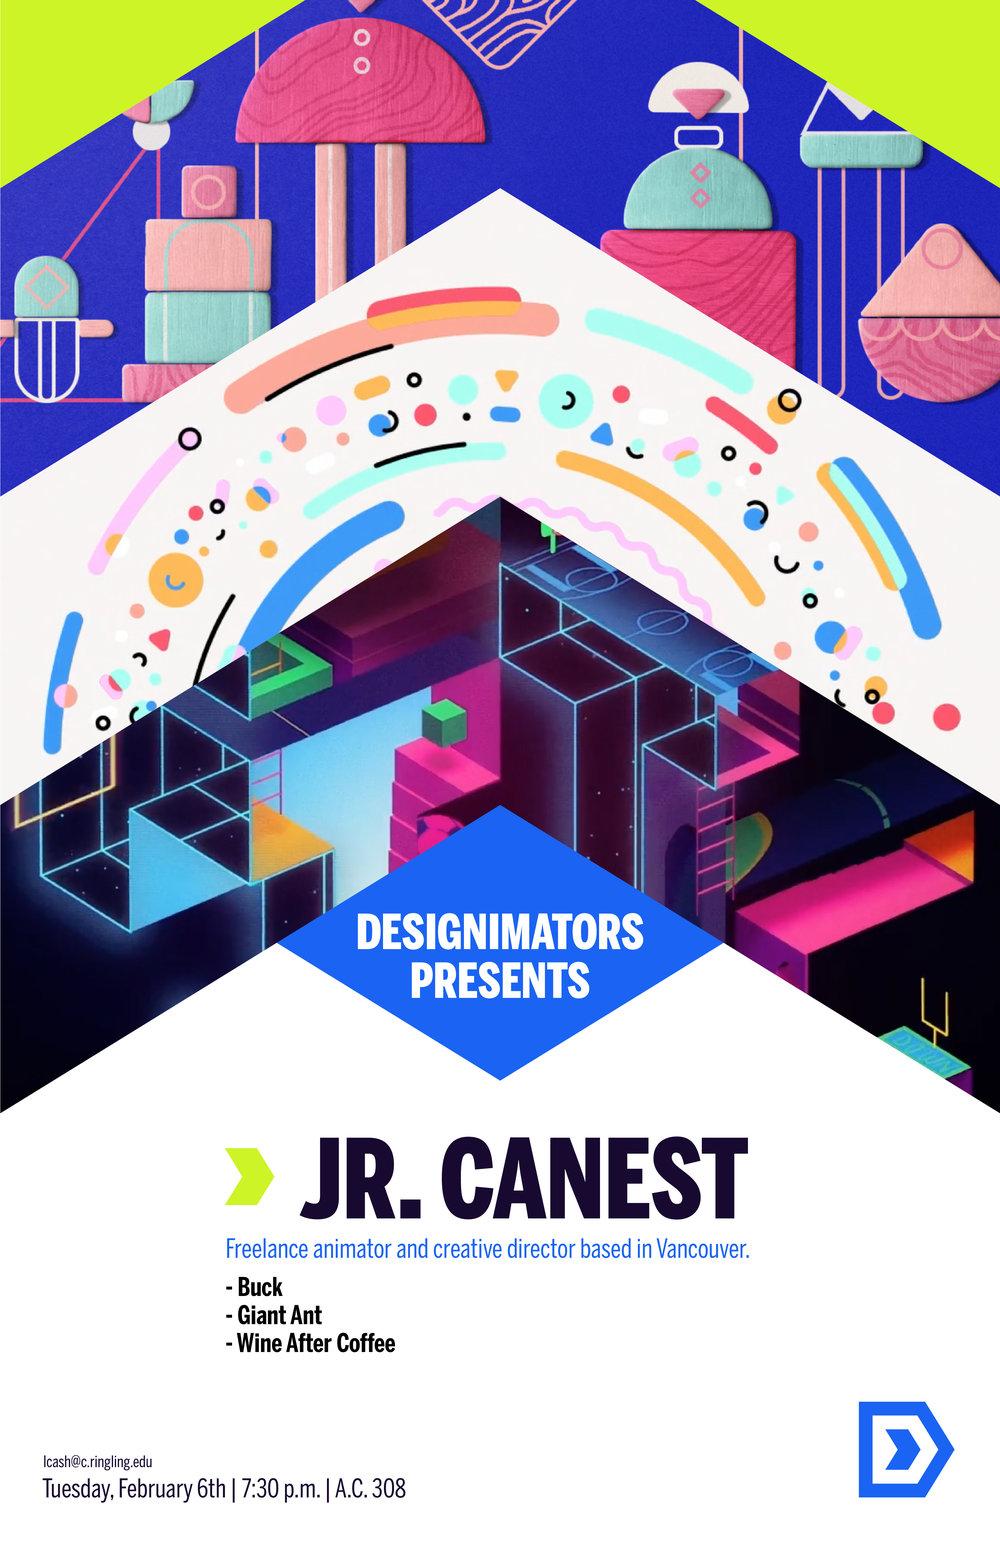 Designimators_Poster_JR.Canest_v01-01.jpg